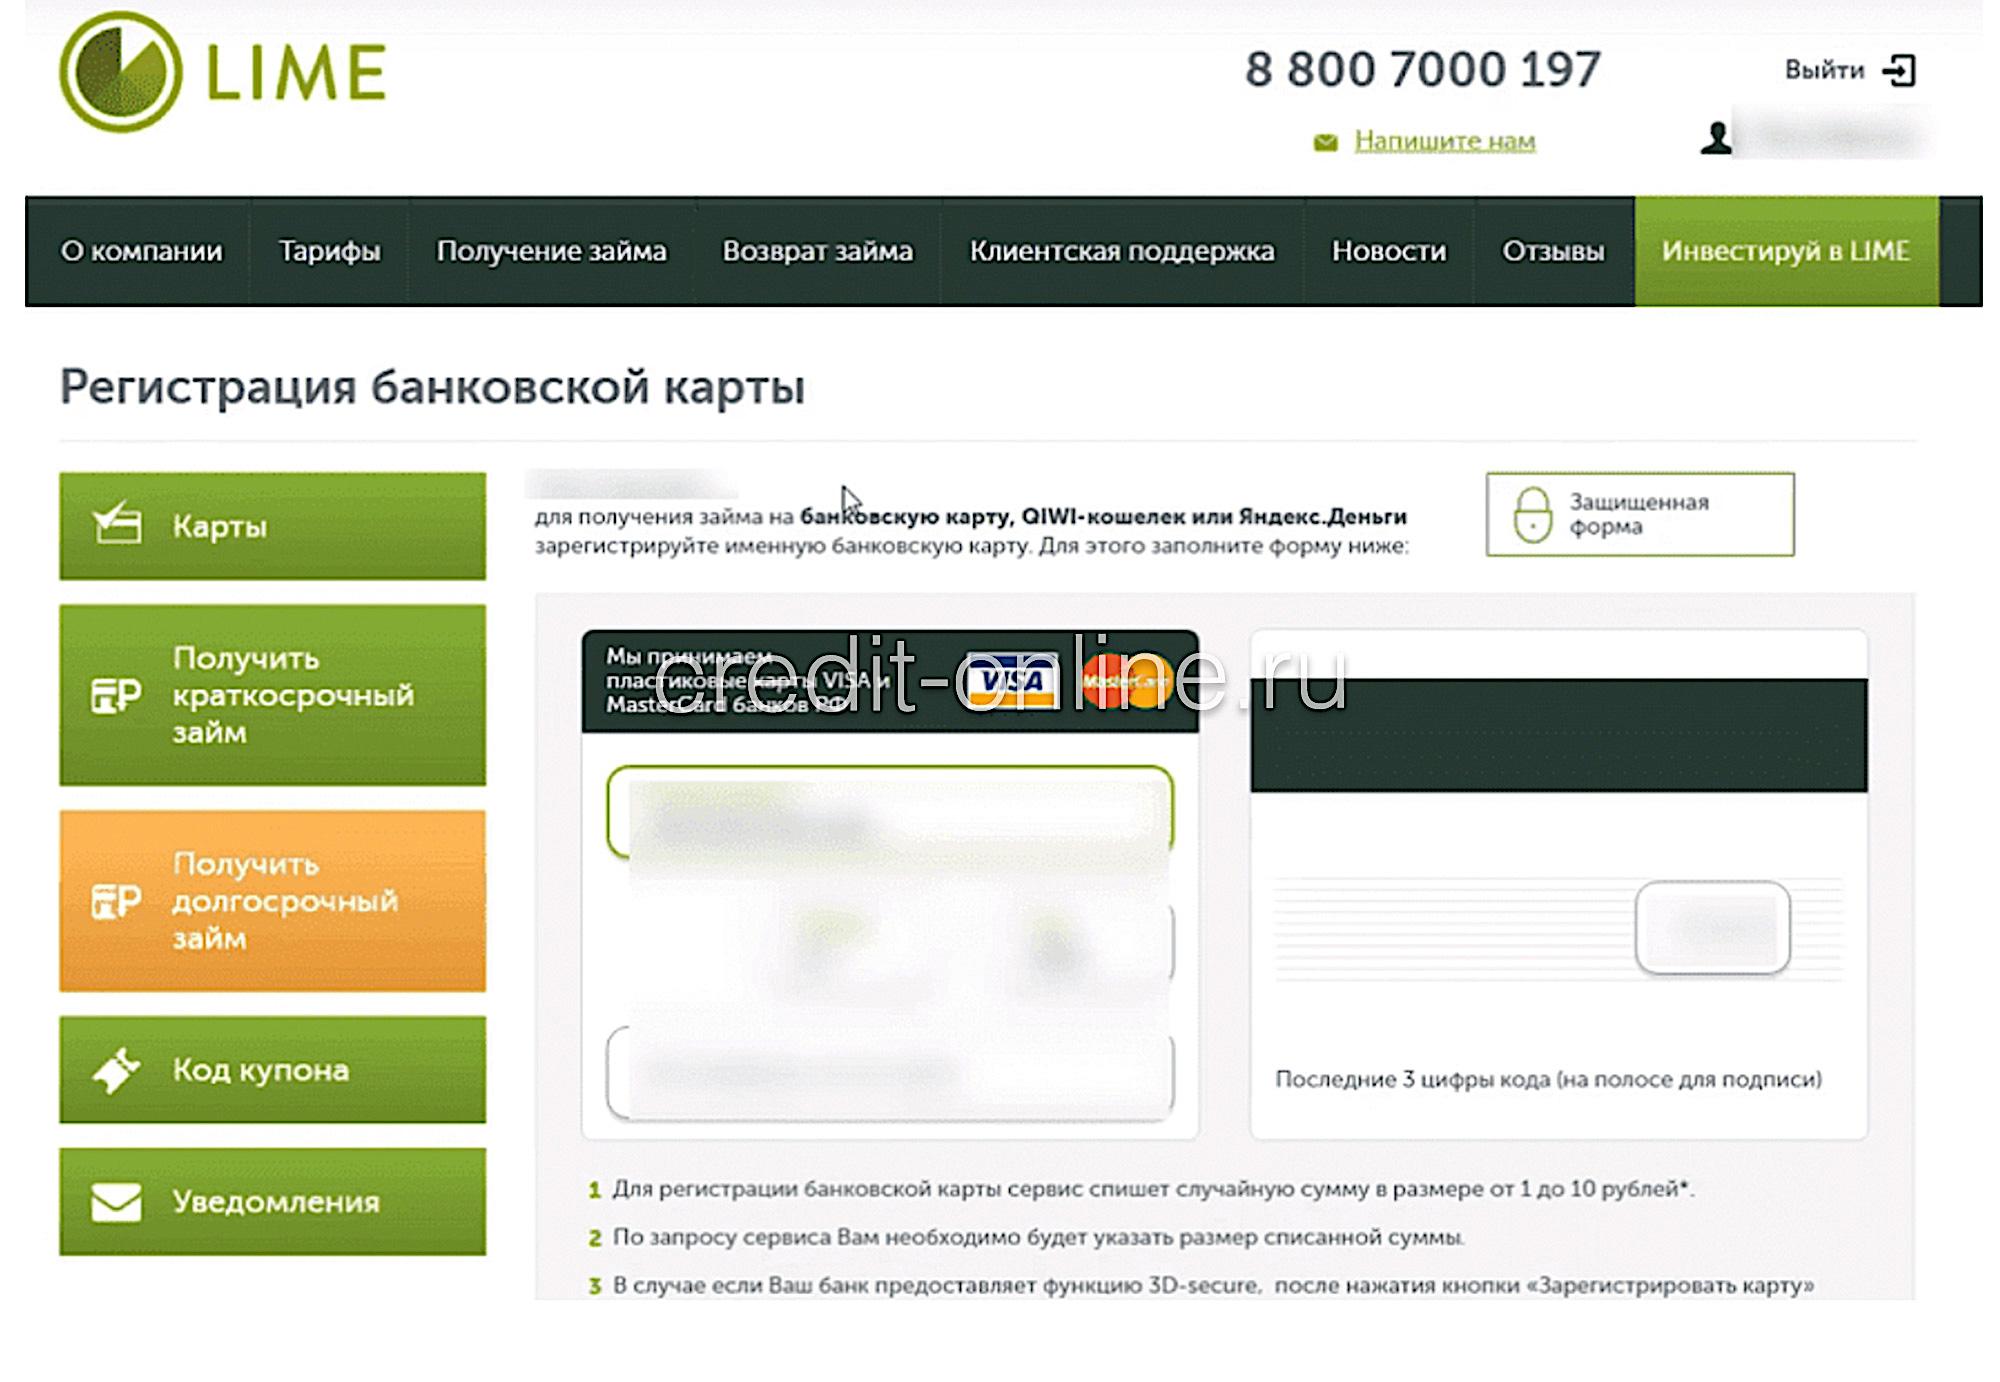 лайм займ онлайн кредит